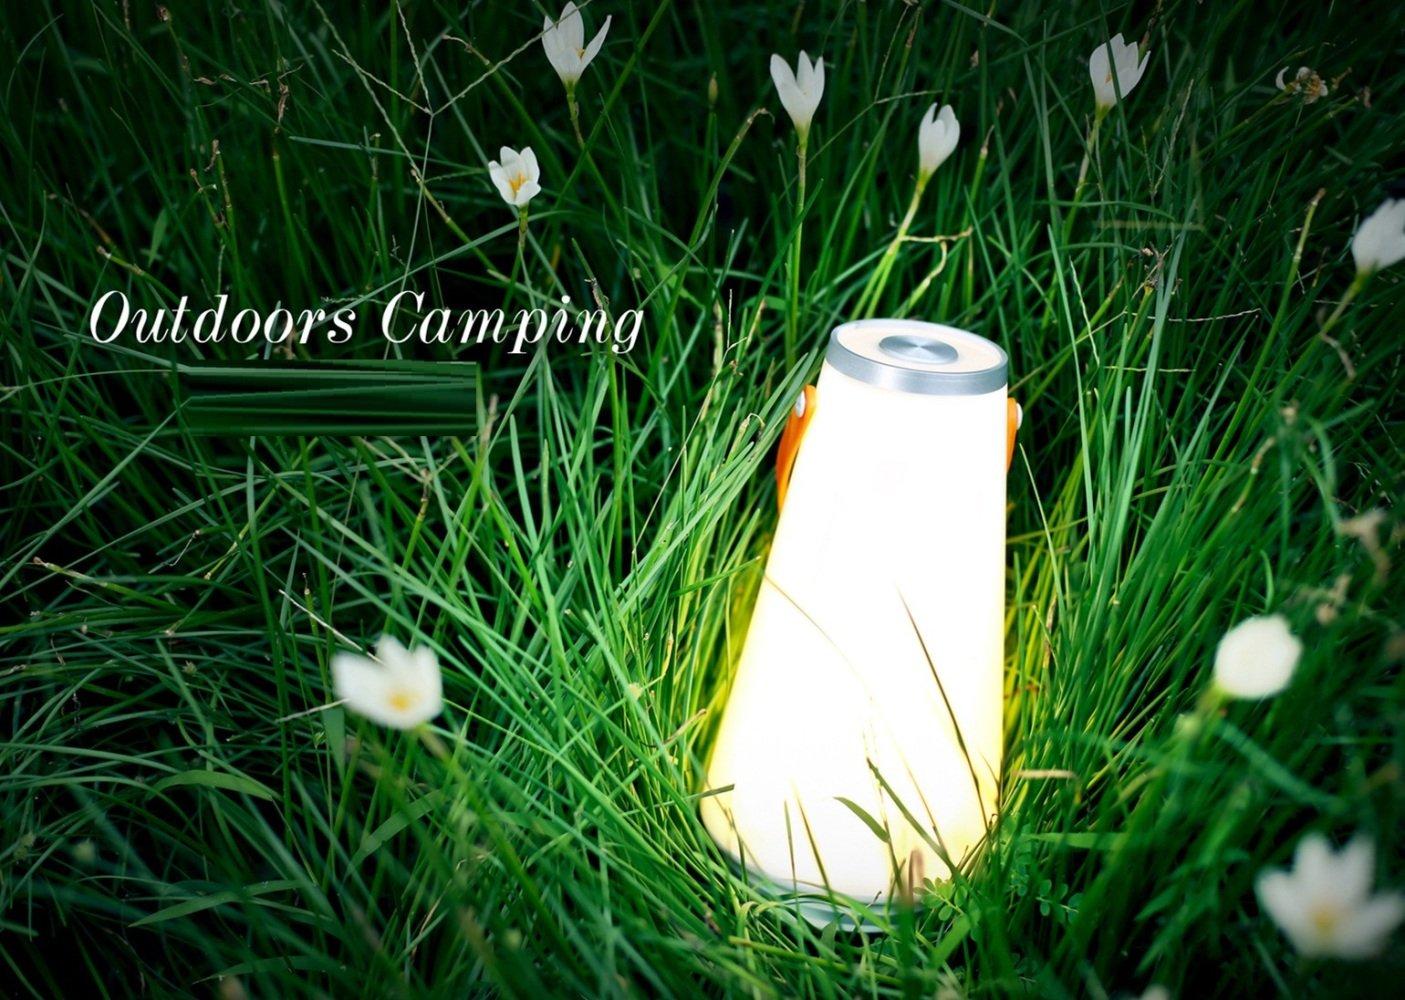 VIO Outdoor Desktop Beleuchtung Strand Multifunktionale Tragbare Nachtlicht Ladeatmosph/äre Tischlampe Camping Lampe,Orange,Einheitsgr/ö/ße